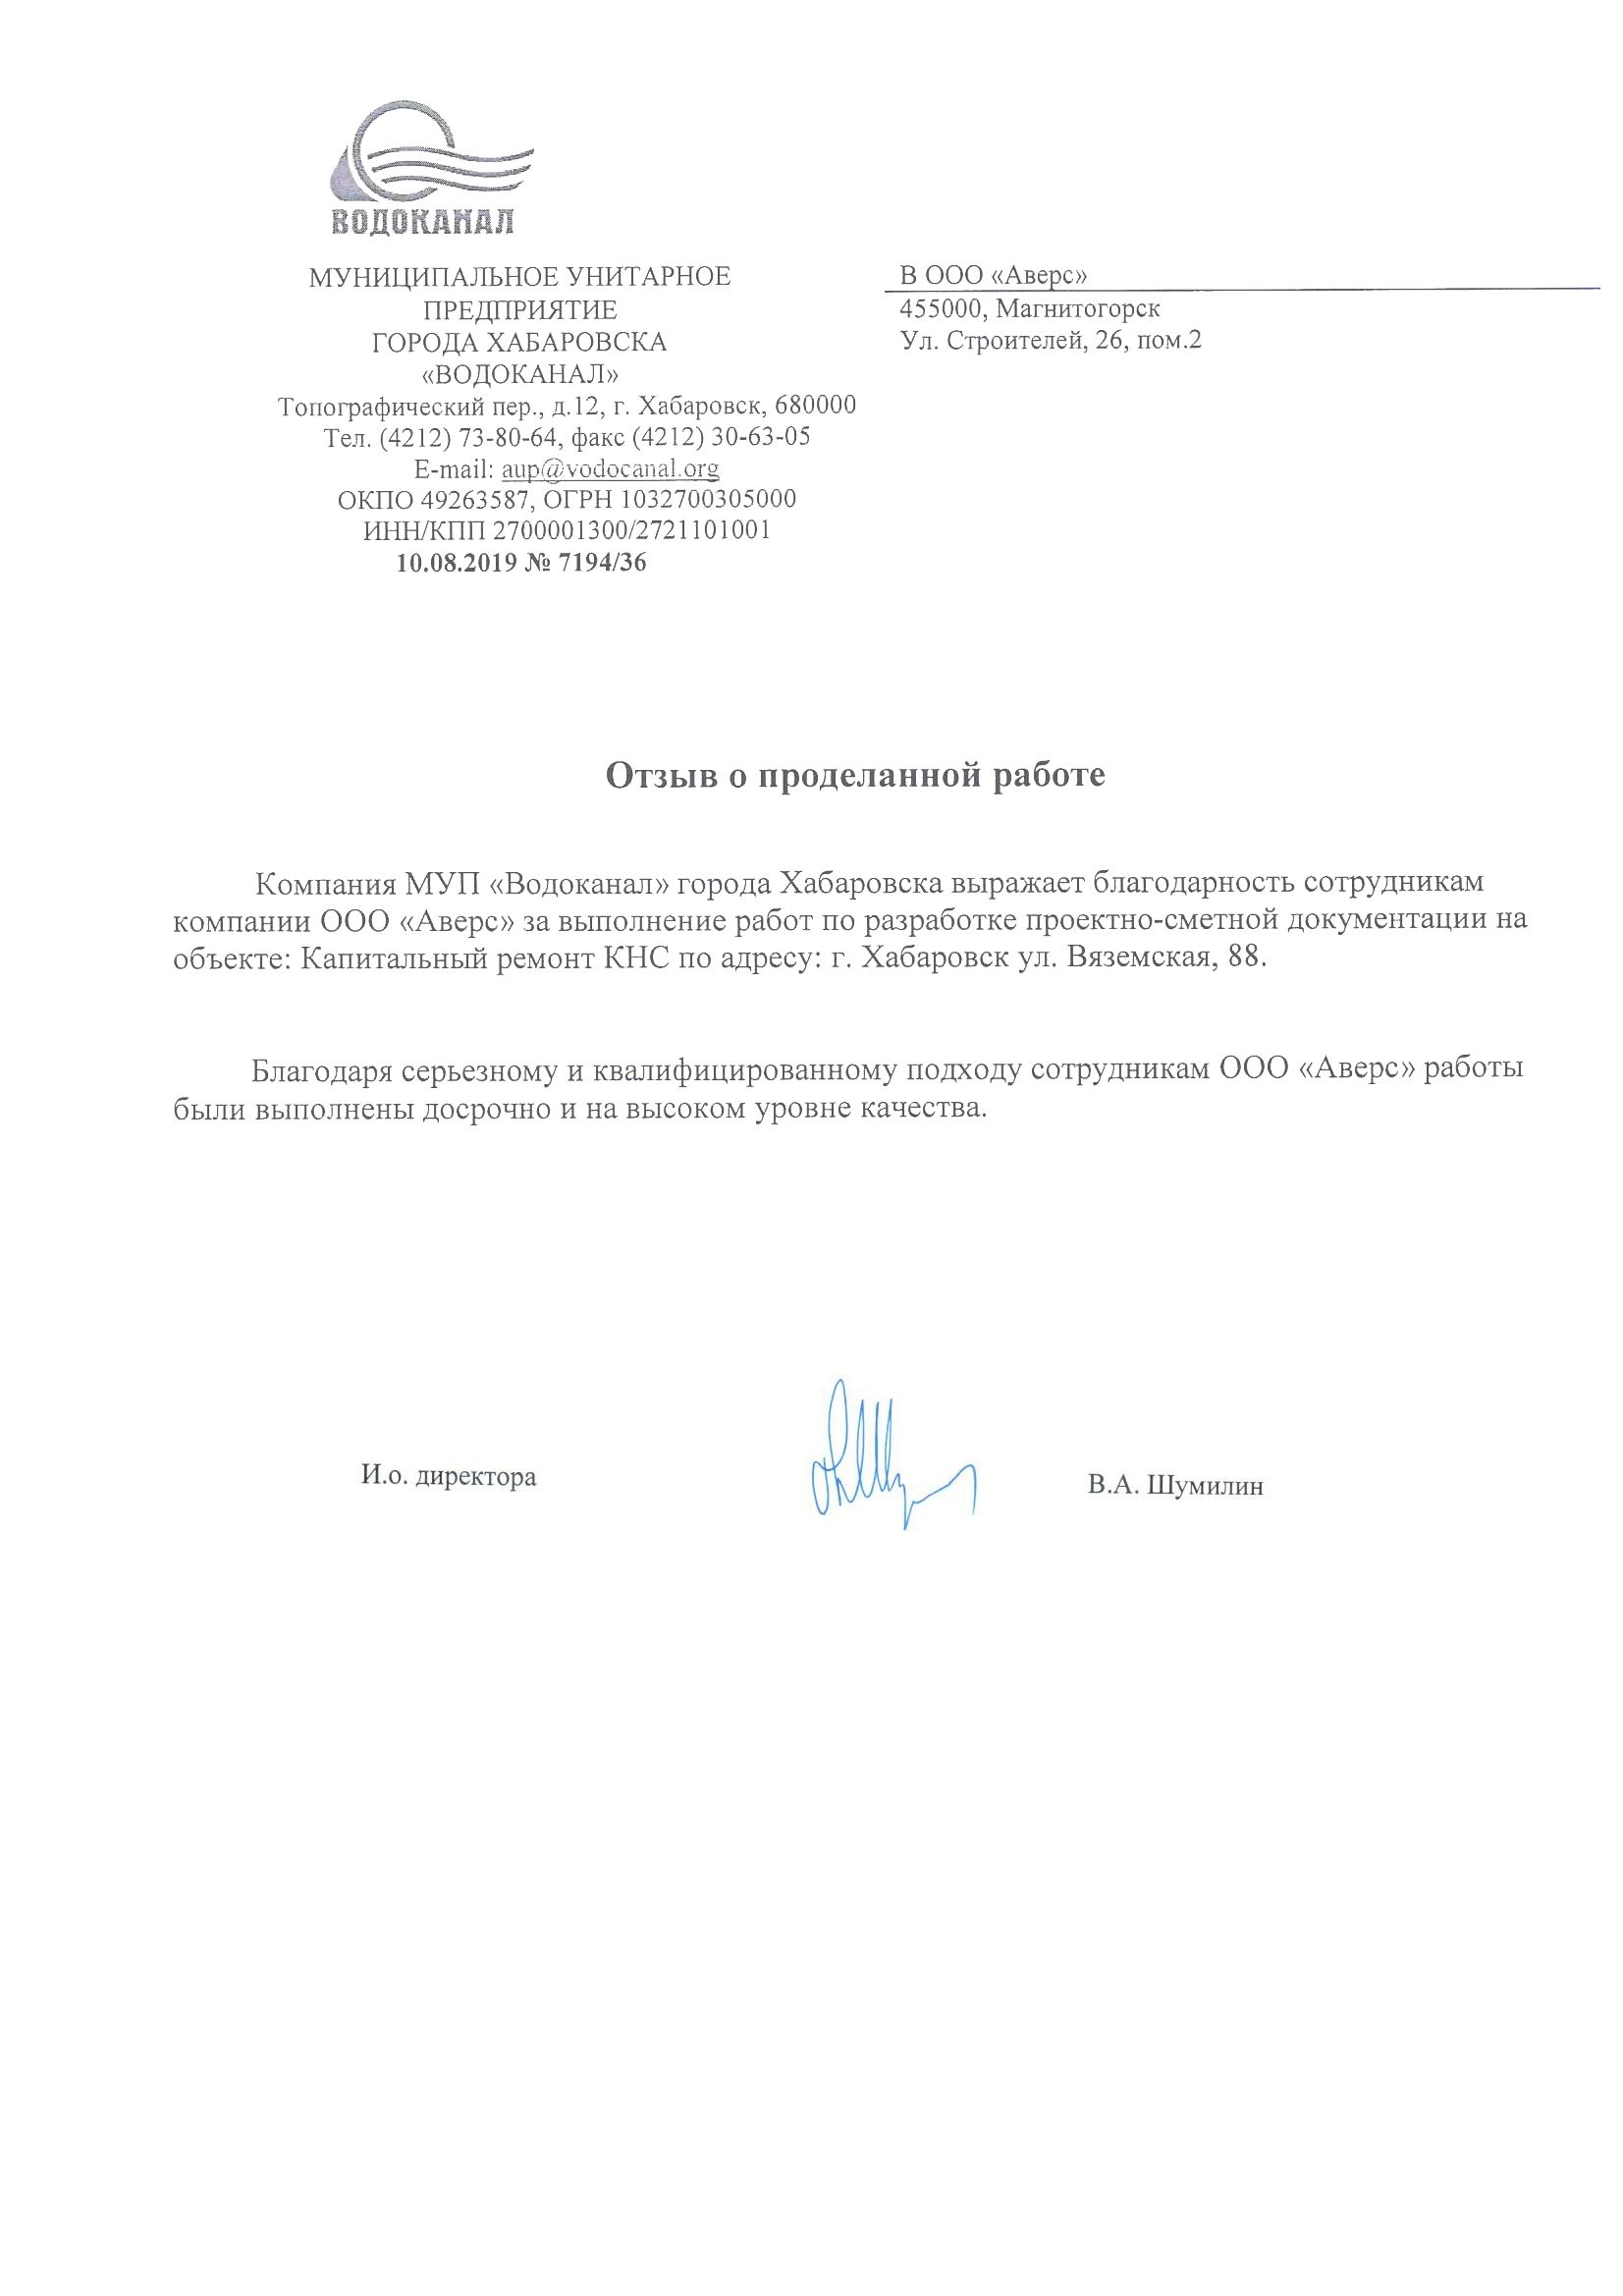 отзыв МУП города Хабаровска «Водоканал»